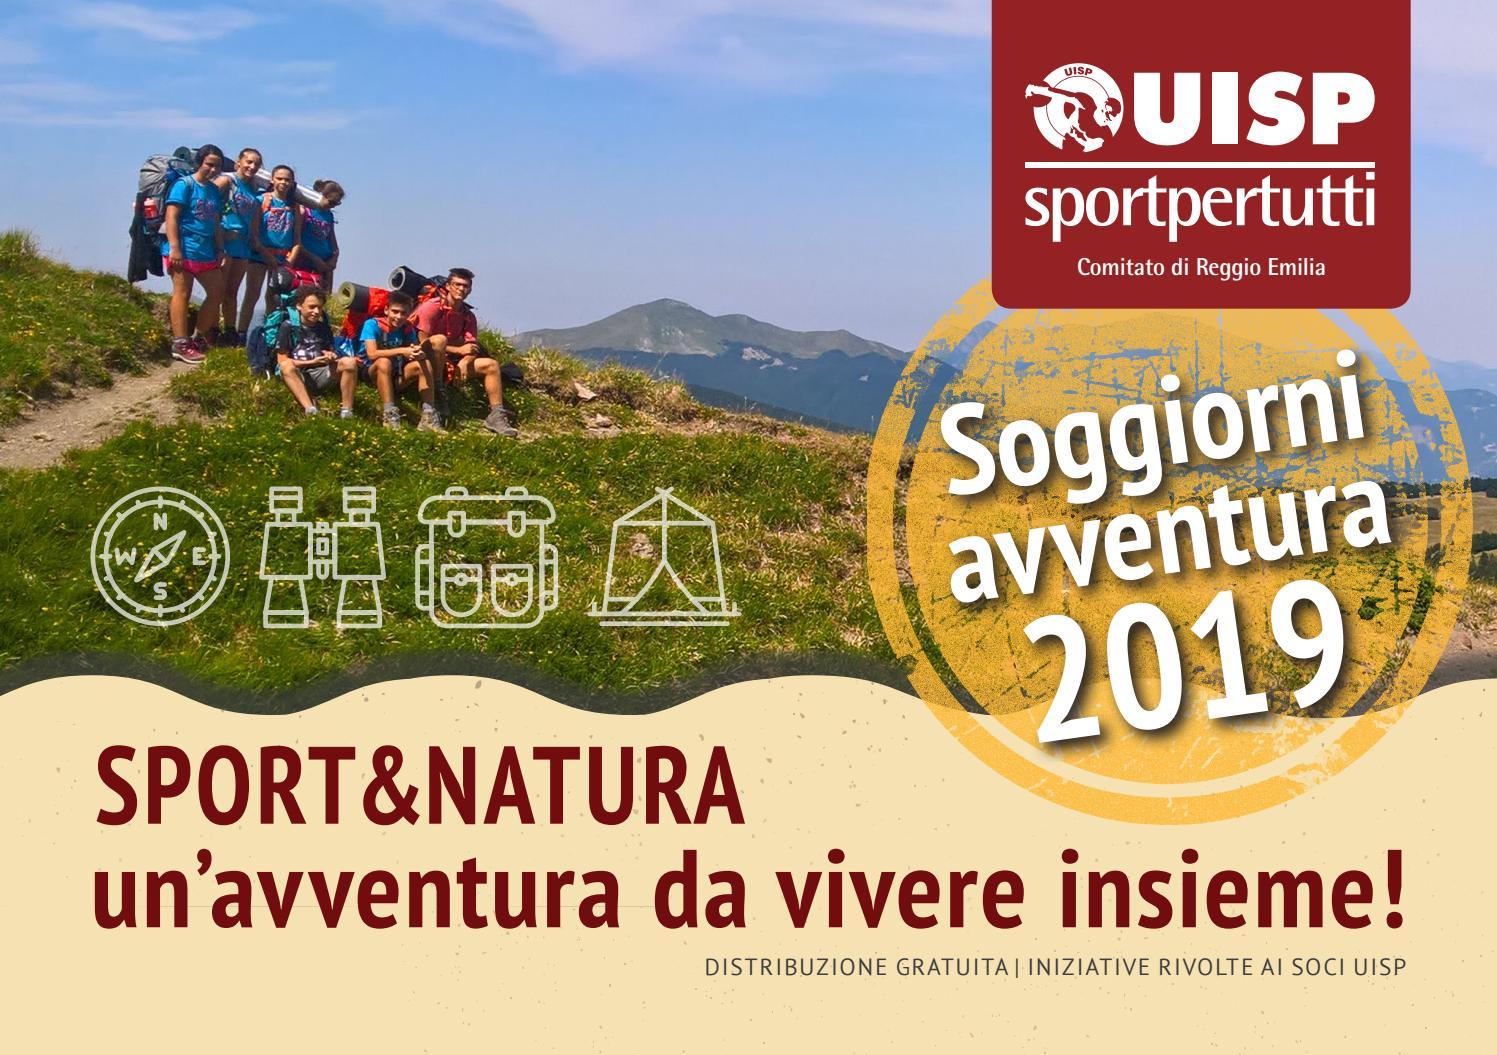 Soggiorni Avventura 2019 by Uisp Comitato di Reggio Emilia ...